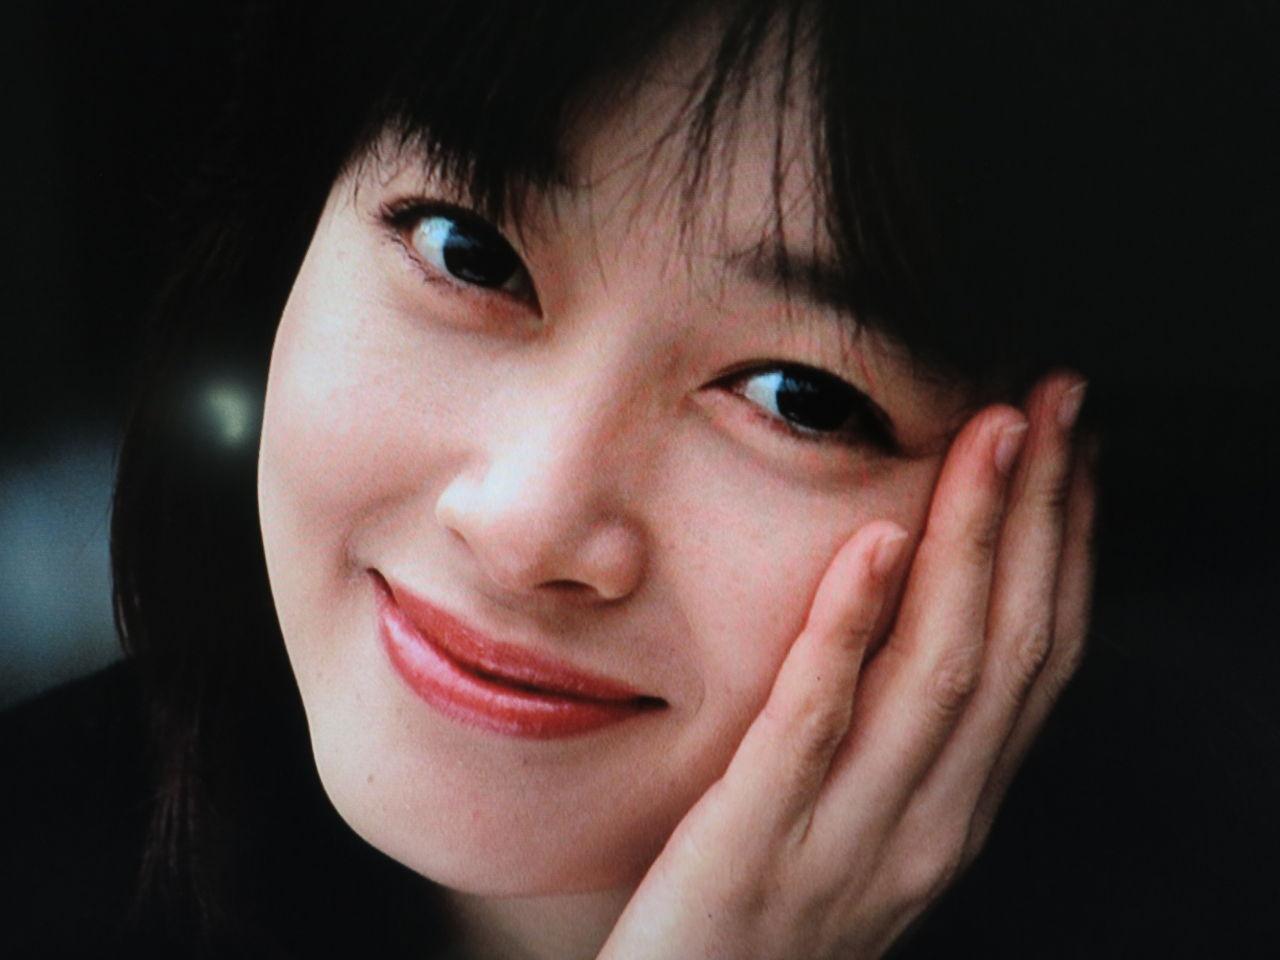 【美人女優☆夏目雅子さん】今も愛されている美人な夏目雅子さんのサムネイル画像